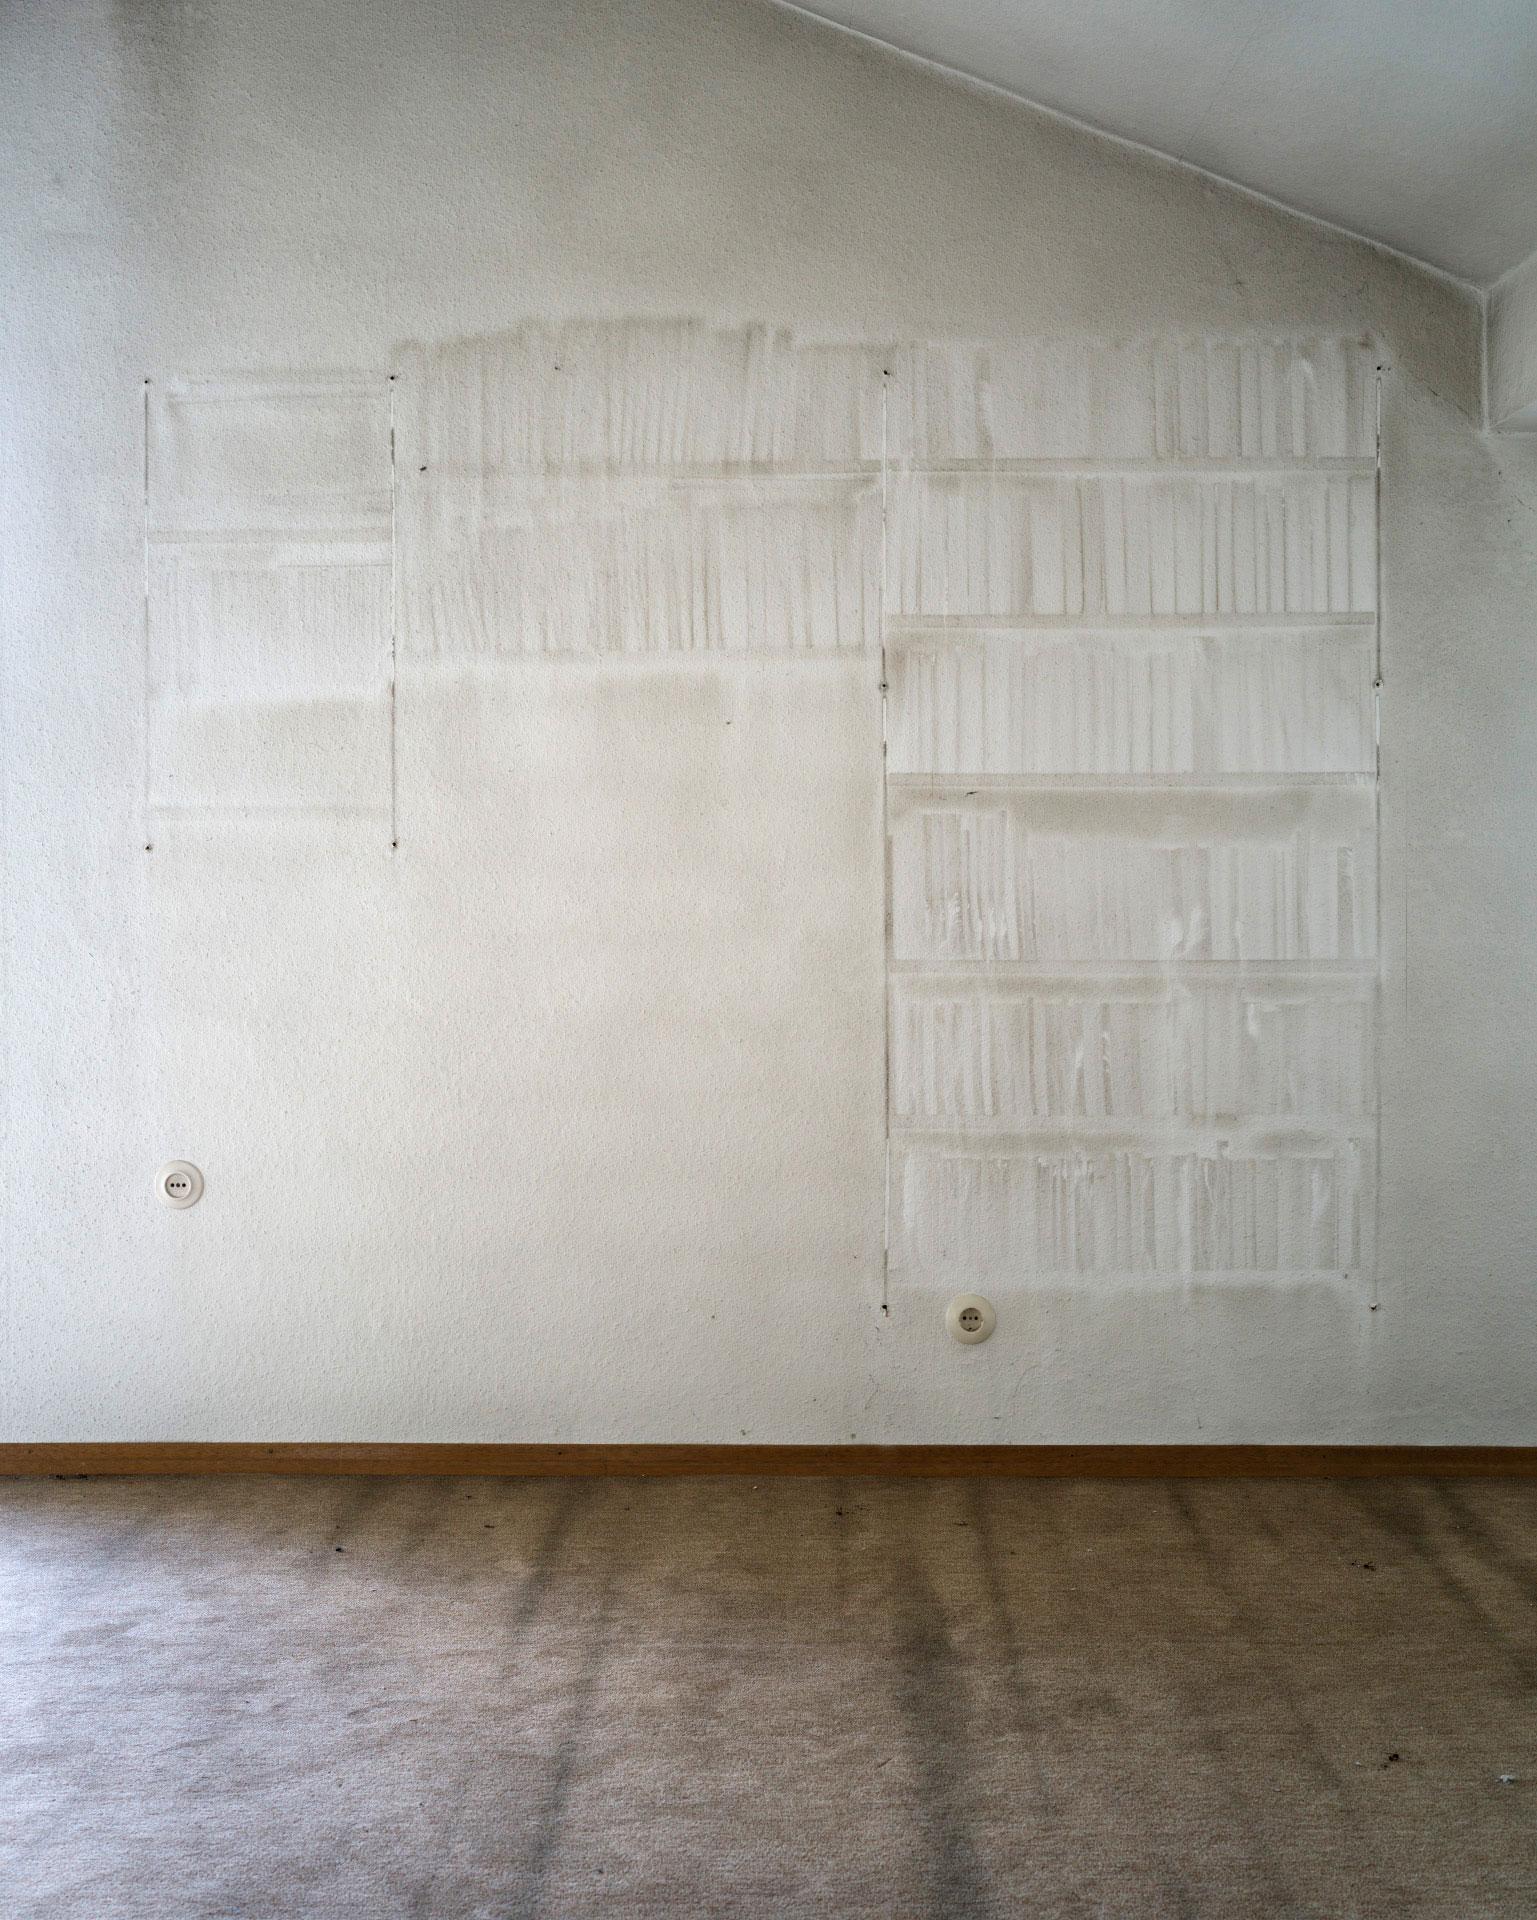 Gesammelte Werke (engl. Collected Works)